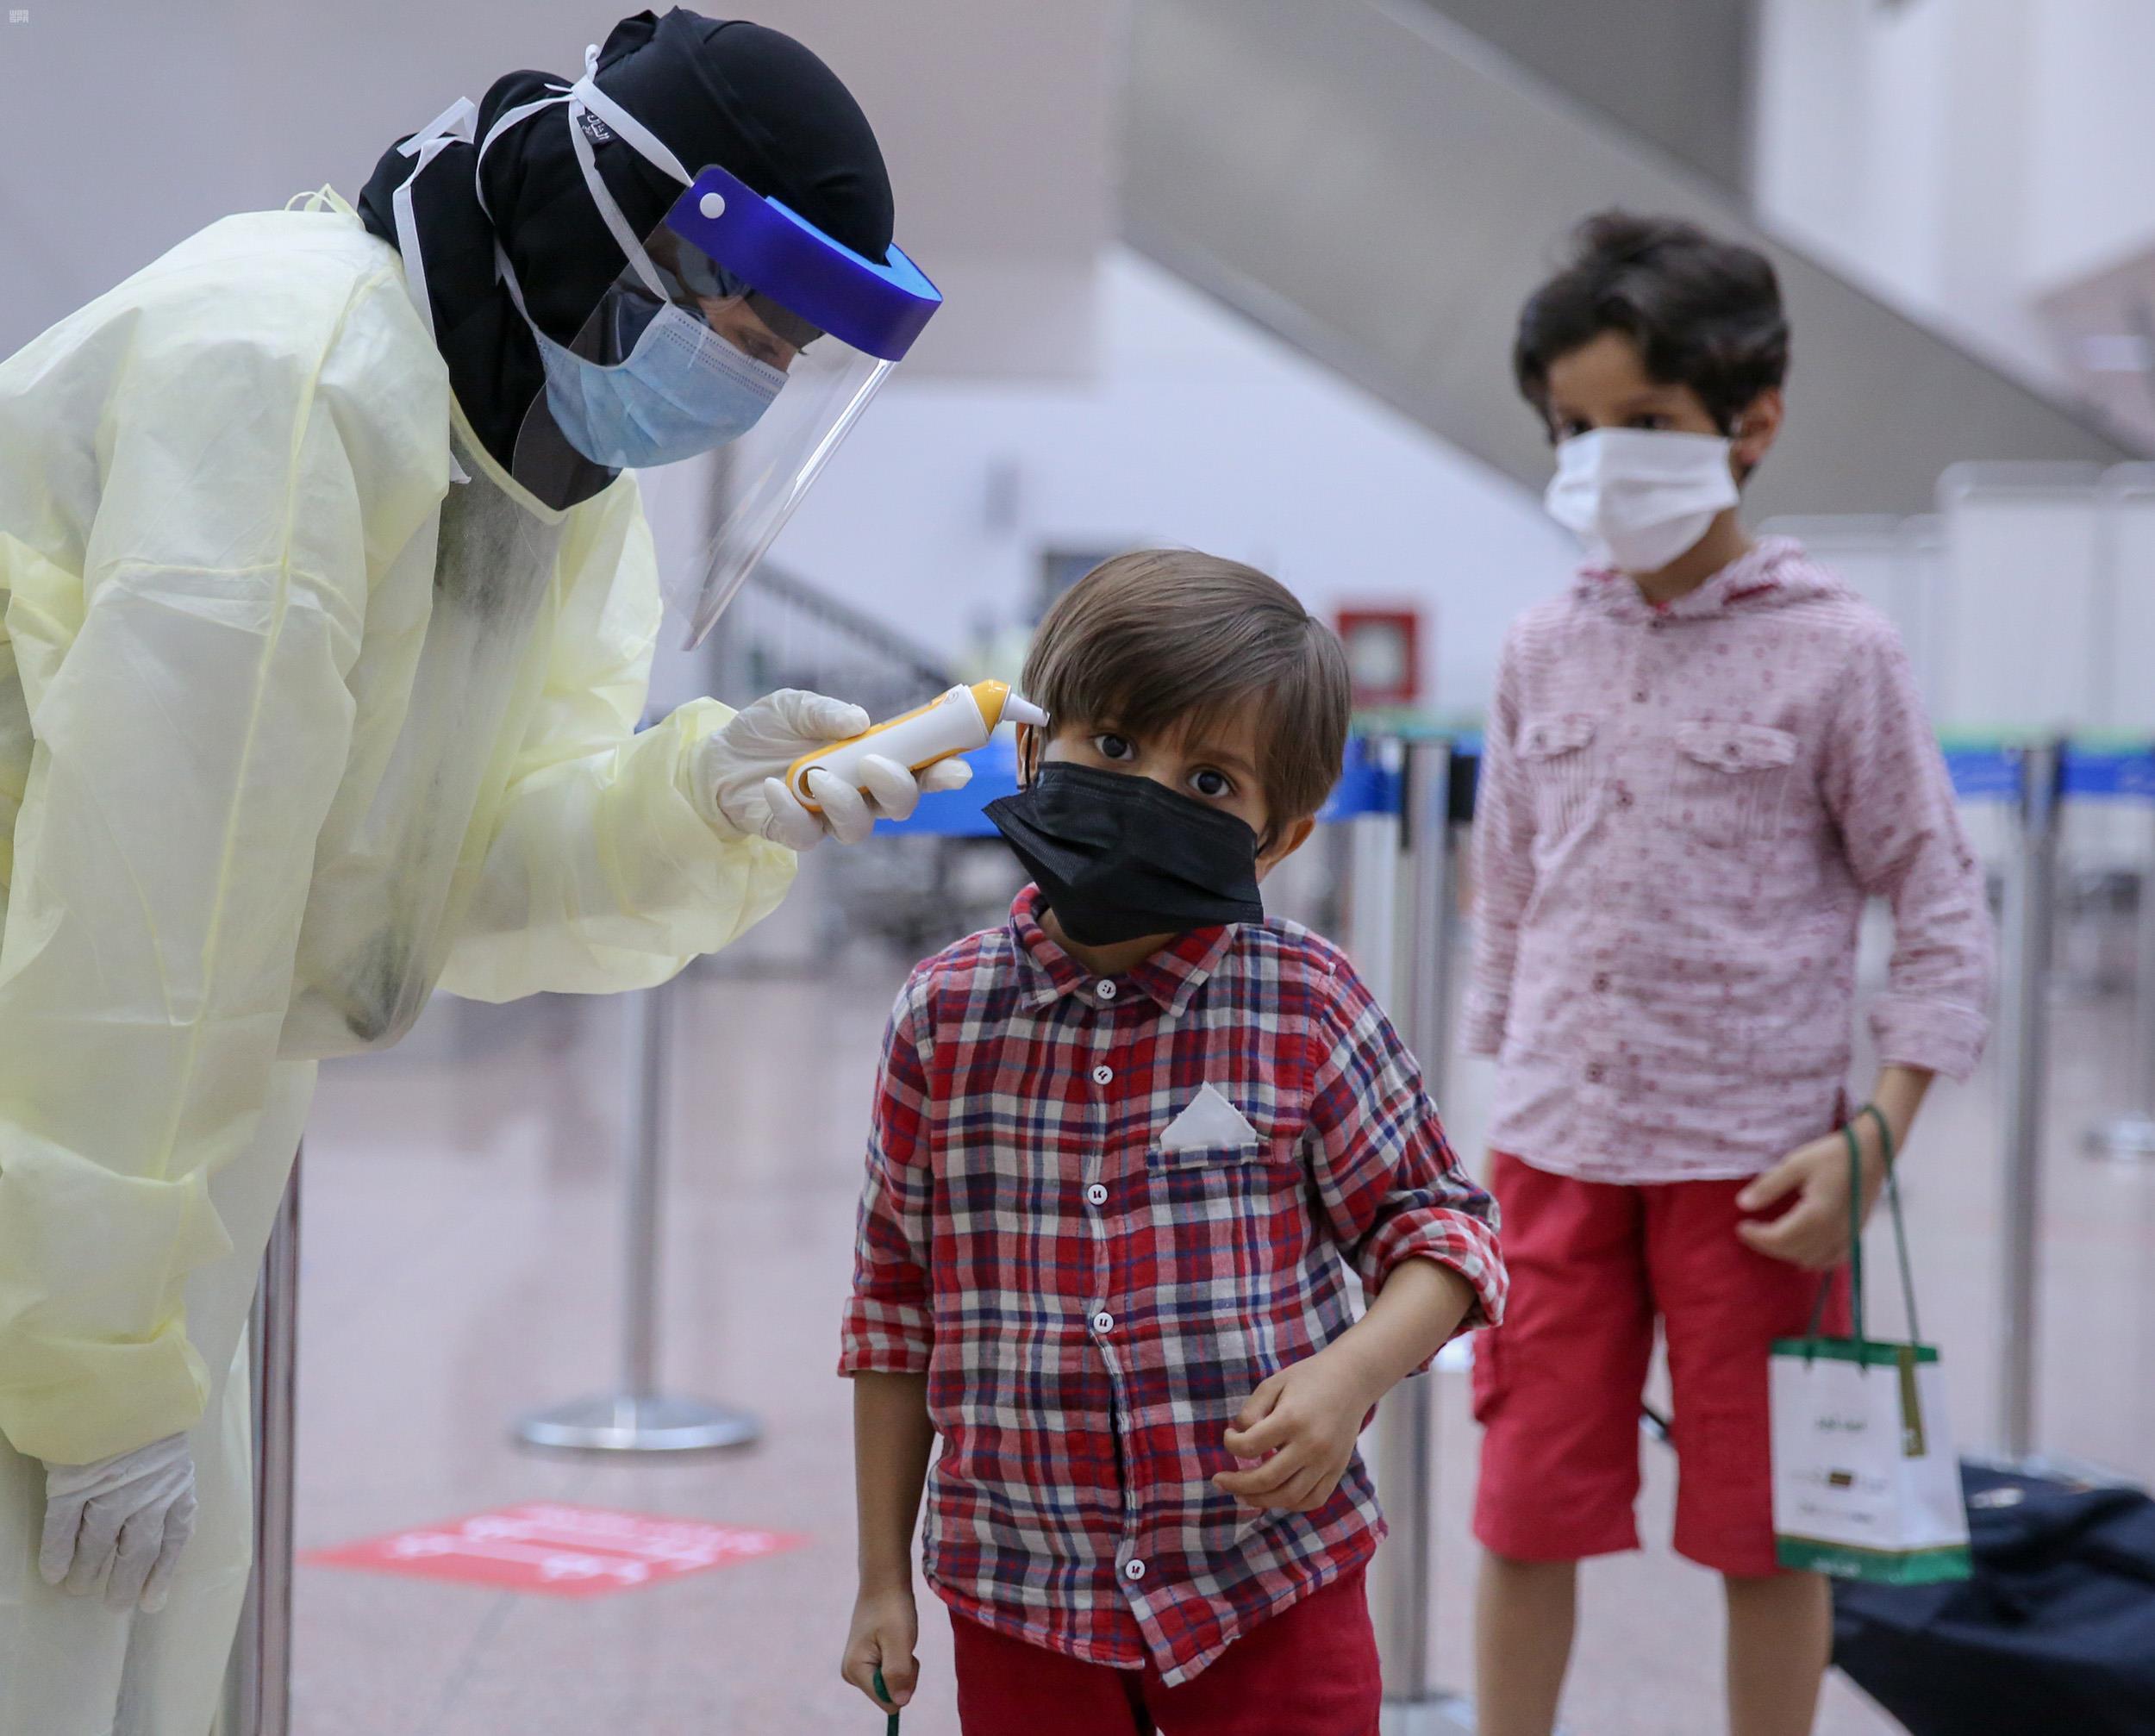 1912 إصابة جديدة بفيروس كورونا 1335891-1179651872.j